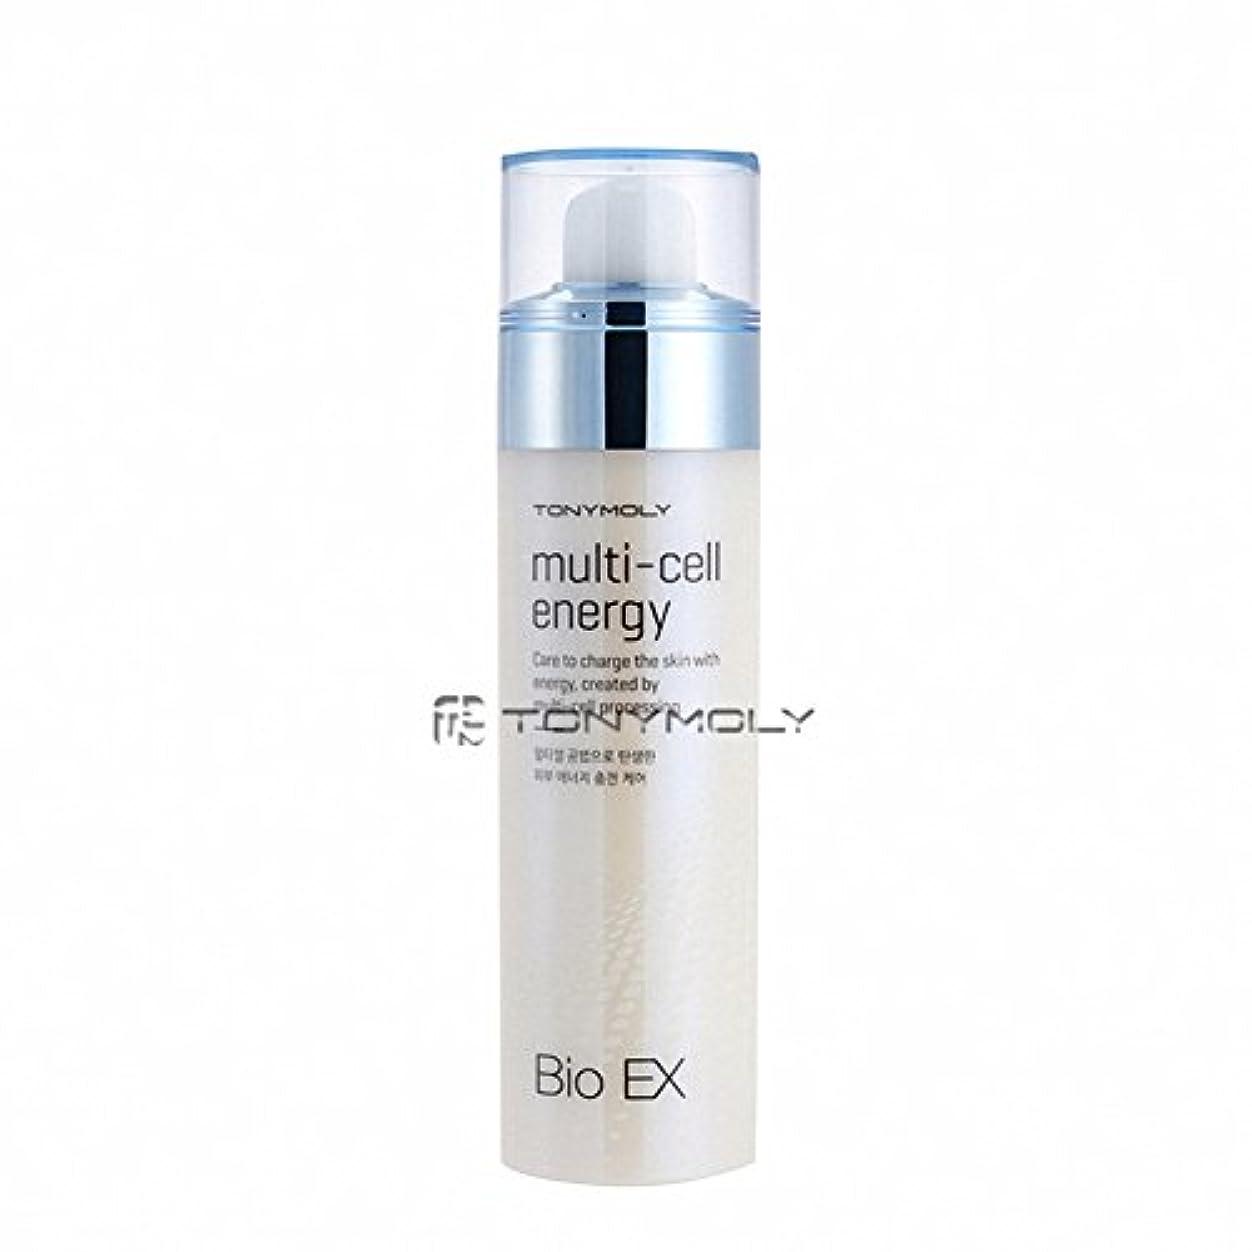 最終設置エンゲージメントトニーモリー TONYMOLY Bio EX Multi-Cell Energy 120ml トニーモリー バイオEXマルチセルエネルギー 韓國直送 [並行輸入品]